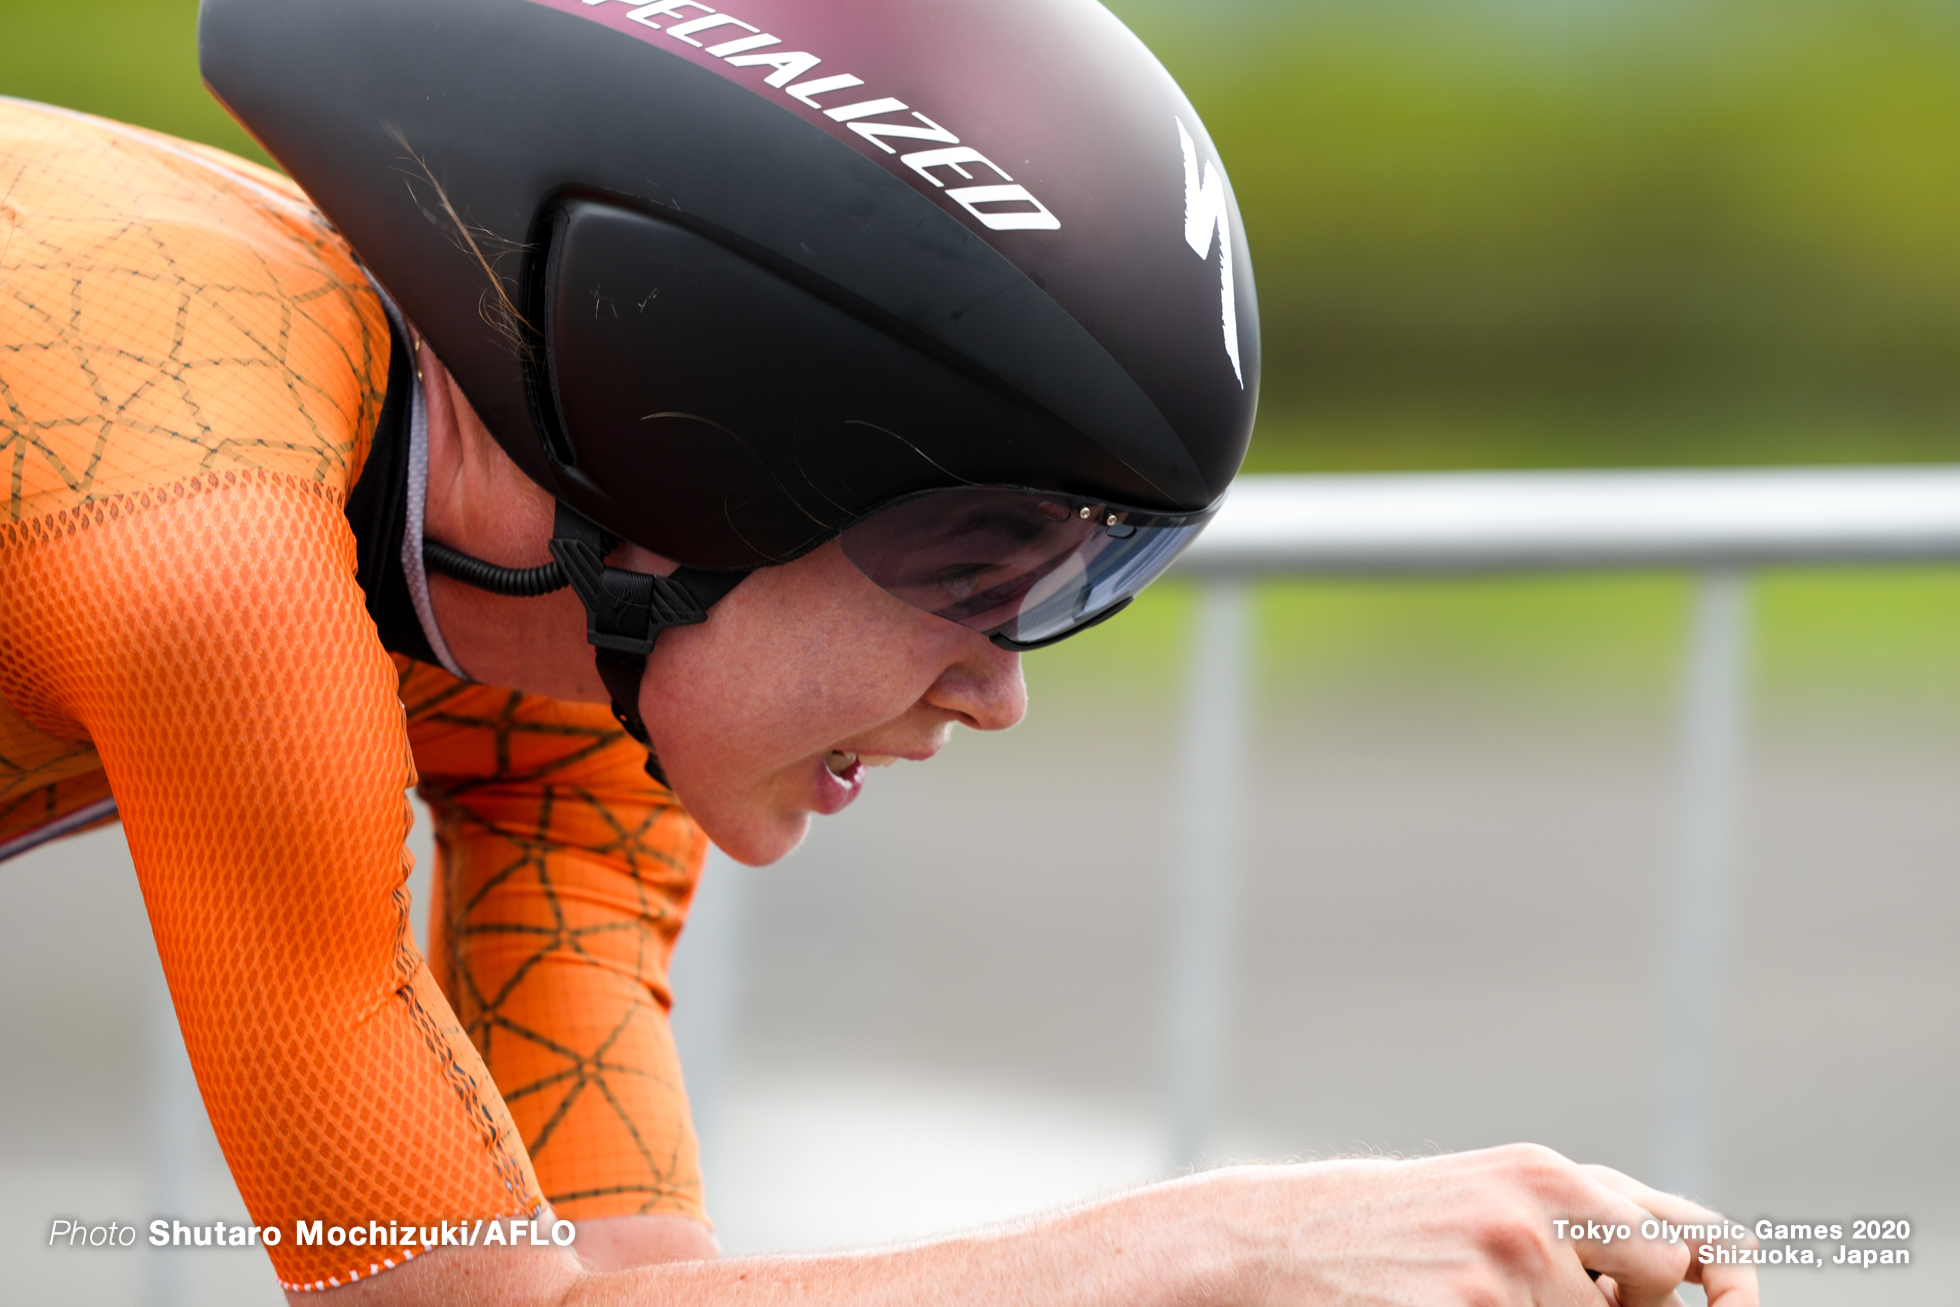 アンナ・ファンデルブレッヘン Anna van der Breggen (NED), JULY 28, 2021 - Cycling : Women's Individual Time Trial during the Tokyo 2020 Olympic Games at the Izu MTB Course in Shizuoka, Japan. (Photo by Shutaro Mochizuki/AFLO)